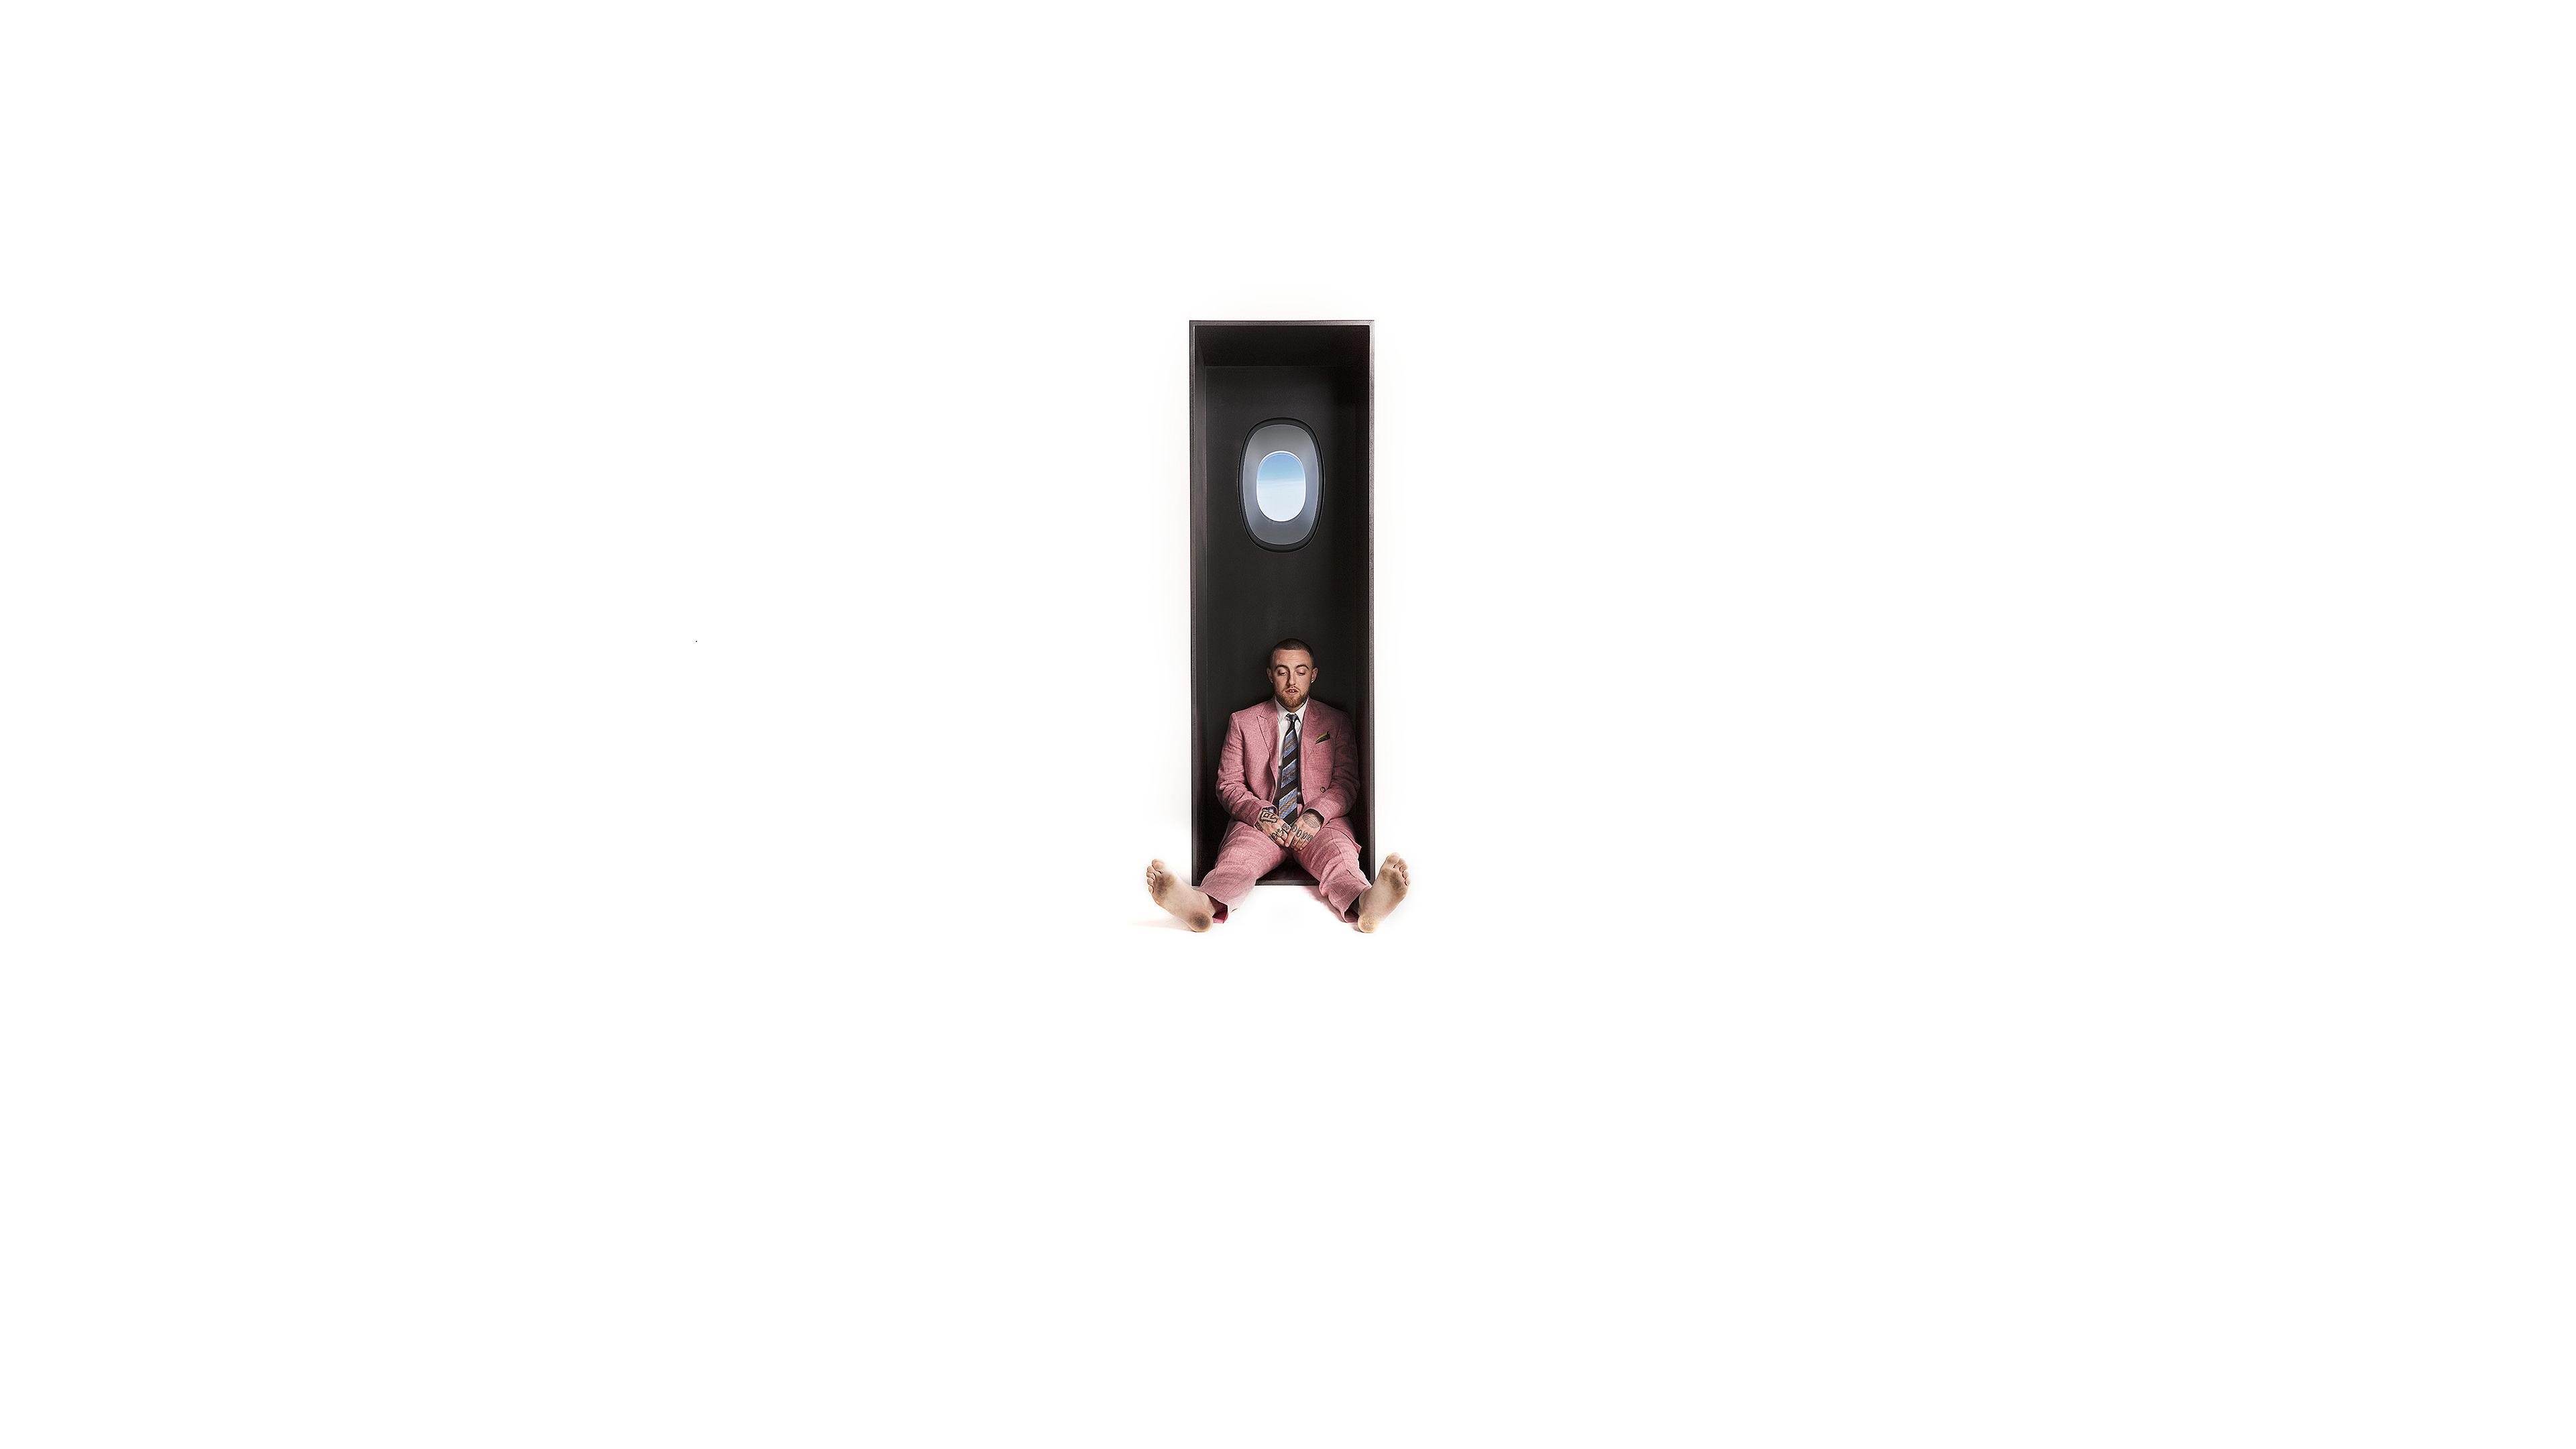 Rip Mac Miller 3840x2160 Mac Miller Phone Wallpaper Best Investments